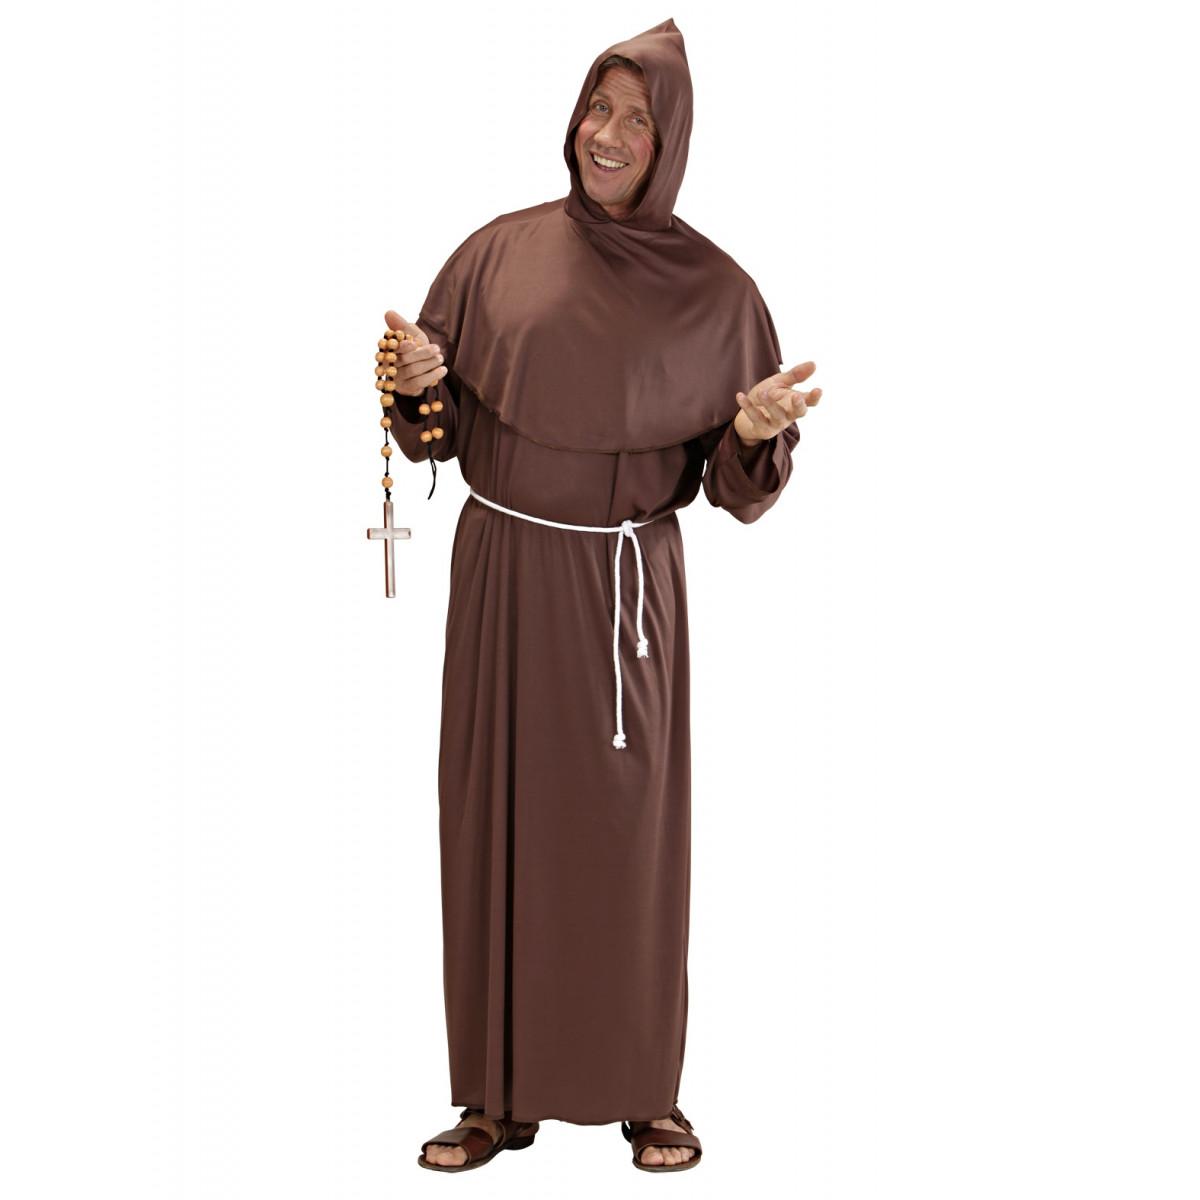 pustni kostum za meniha 3902